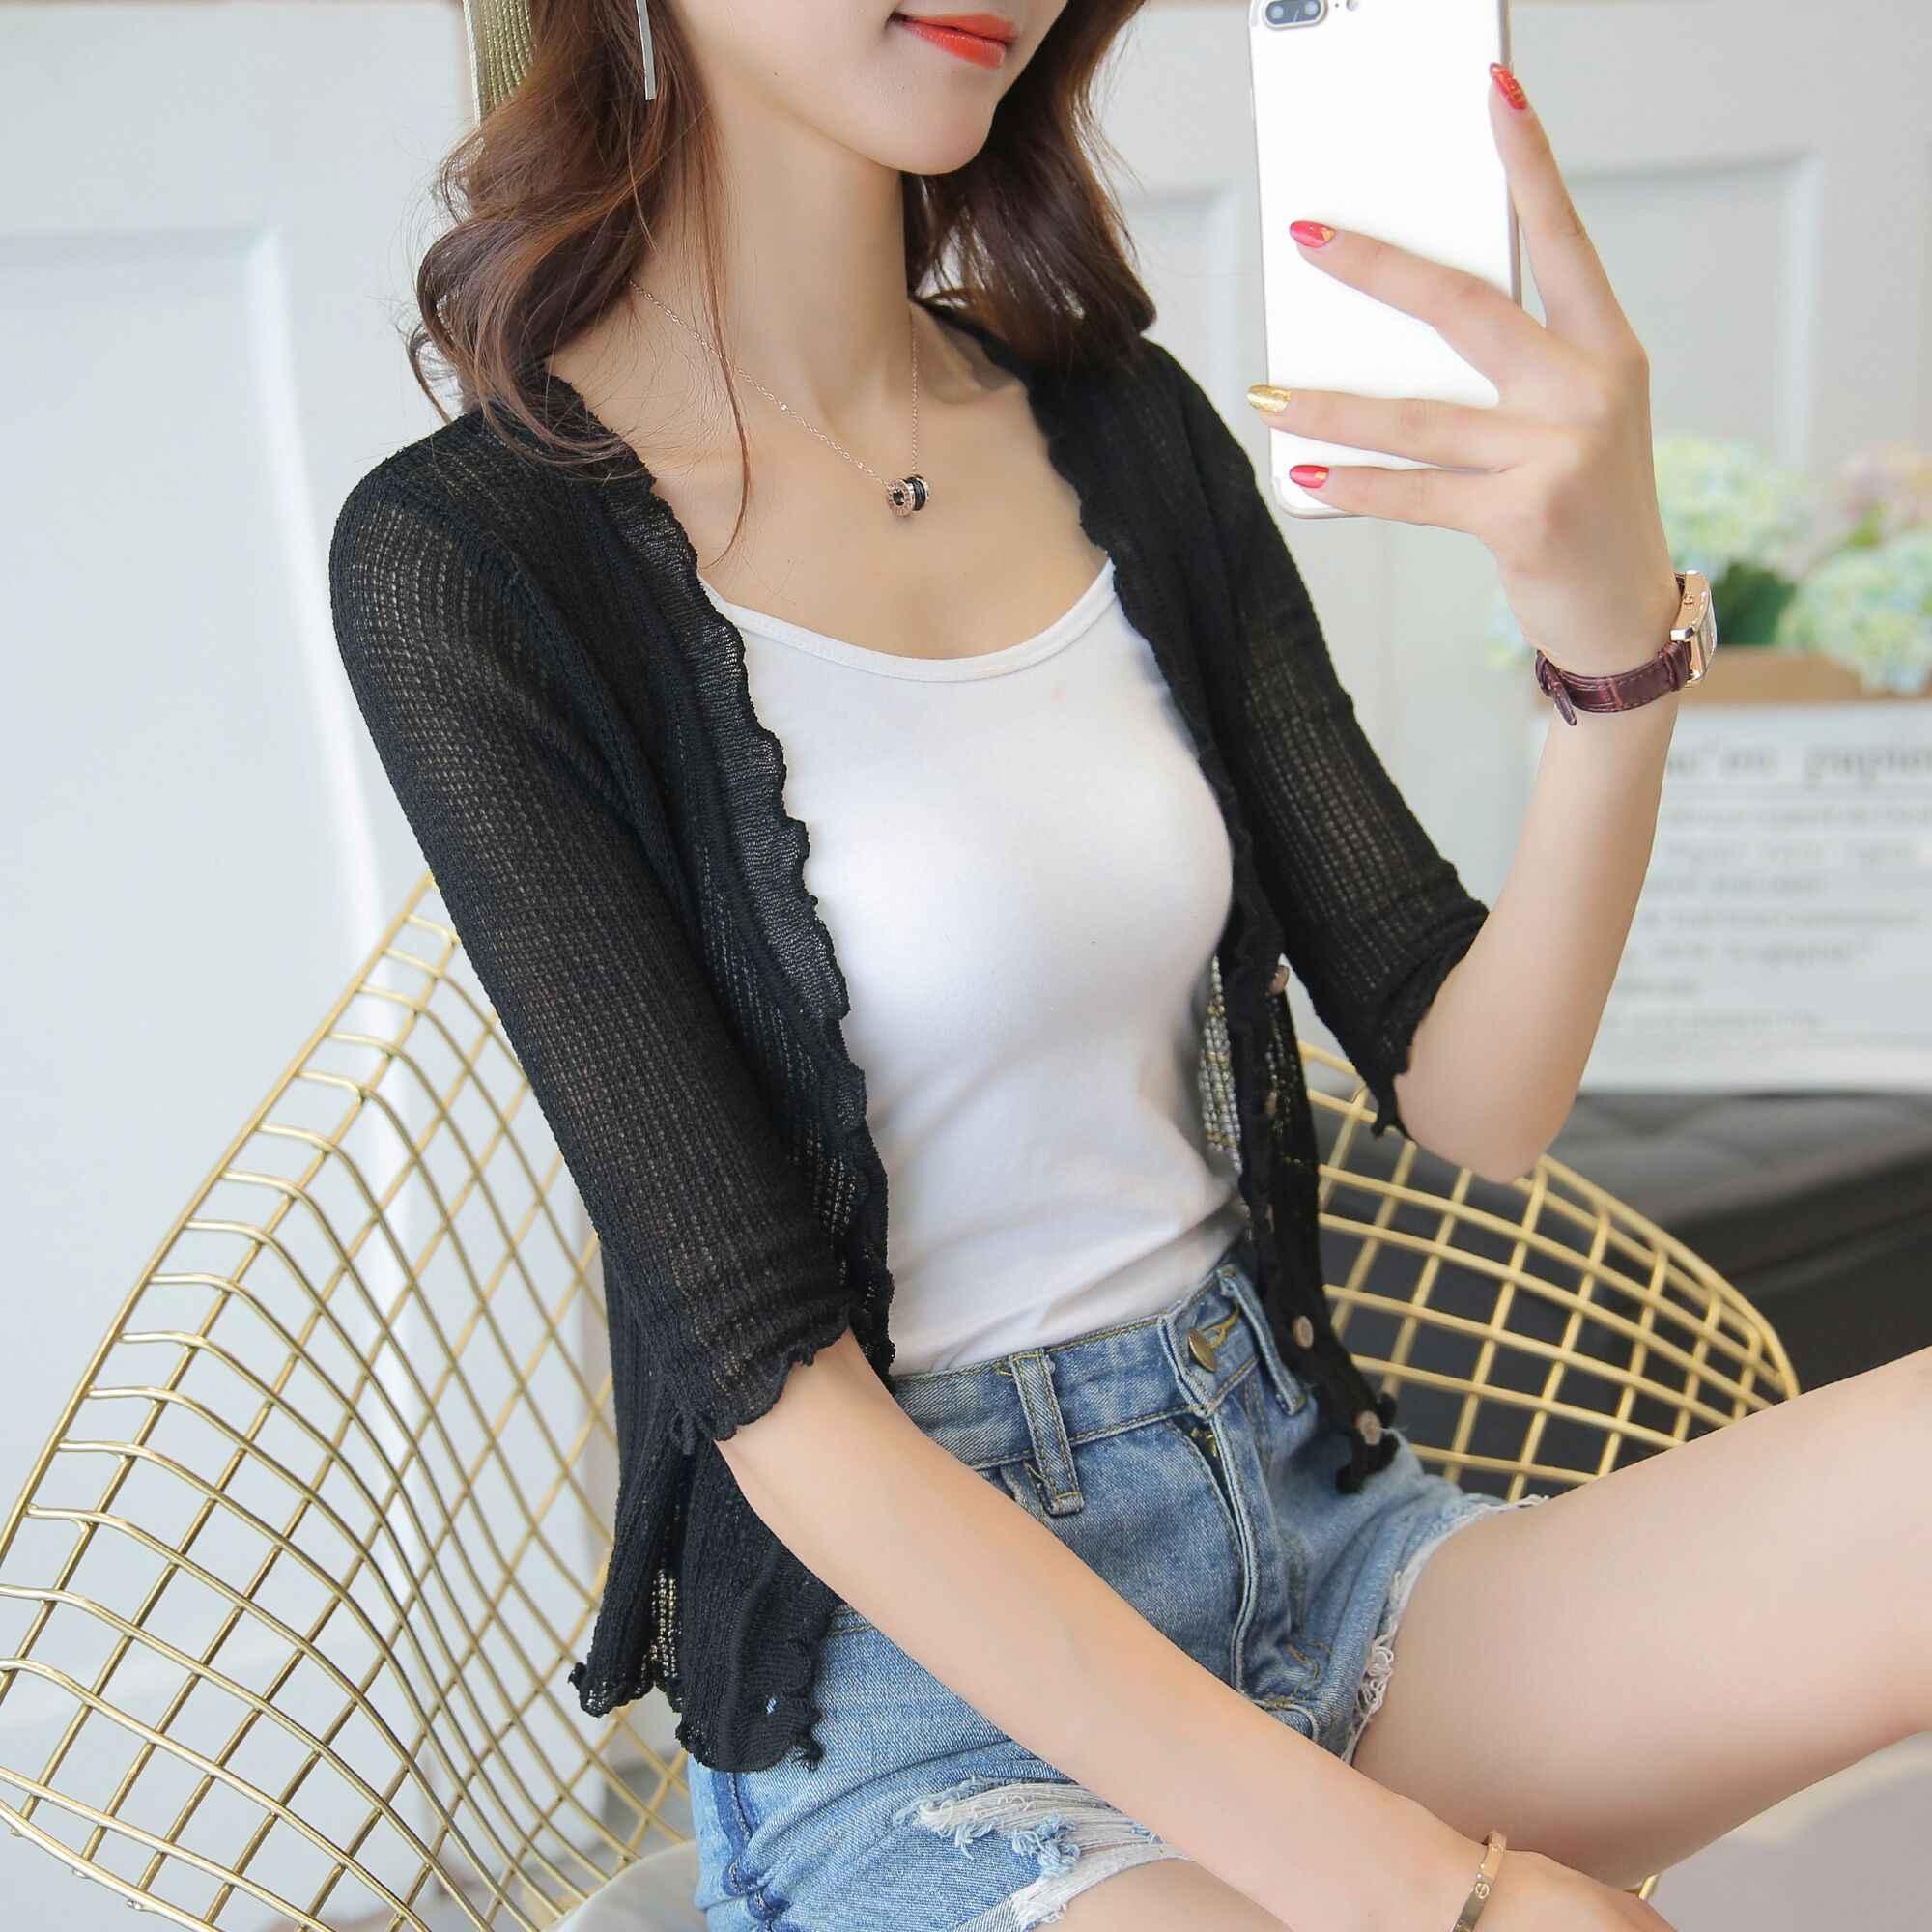 2018 새로운 카디건 여성 여름 에어컨 짧은 실크 카디건 셔츠 검은 곰팡이의 얇은 코트